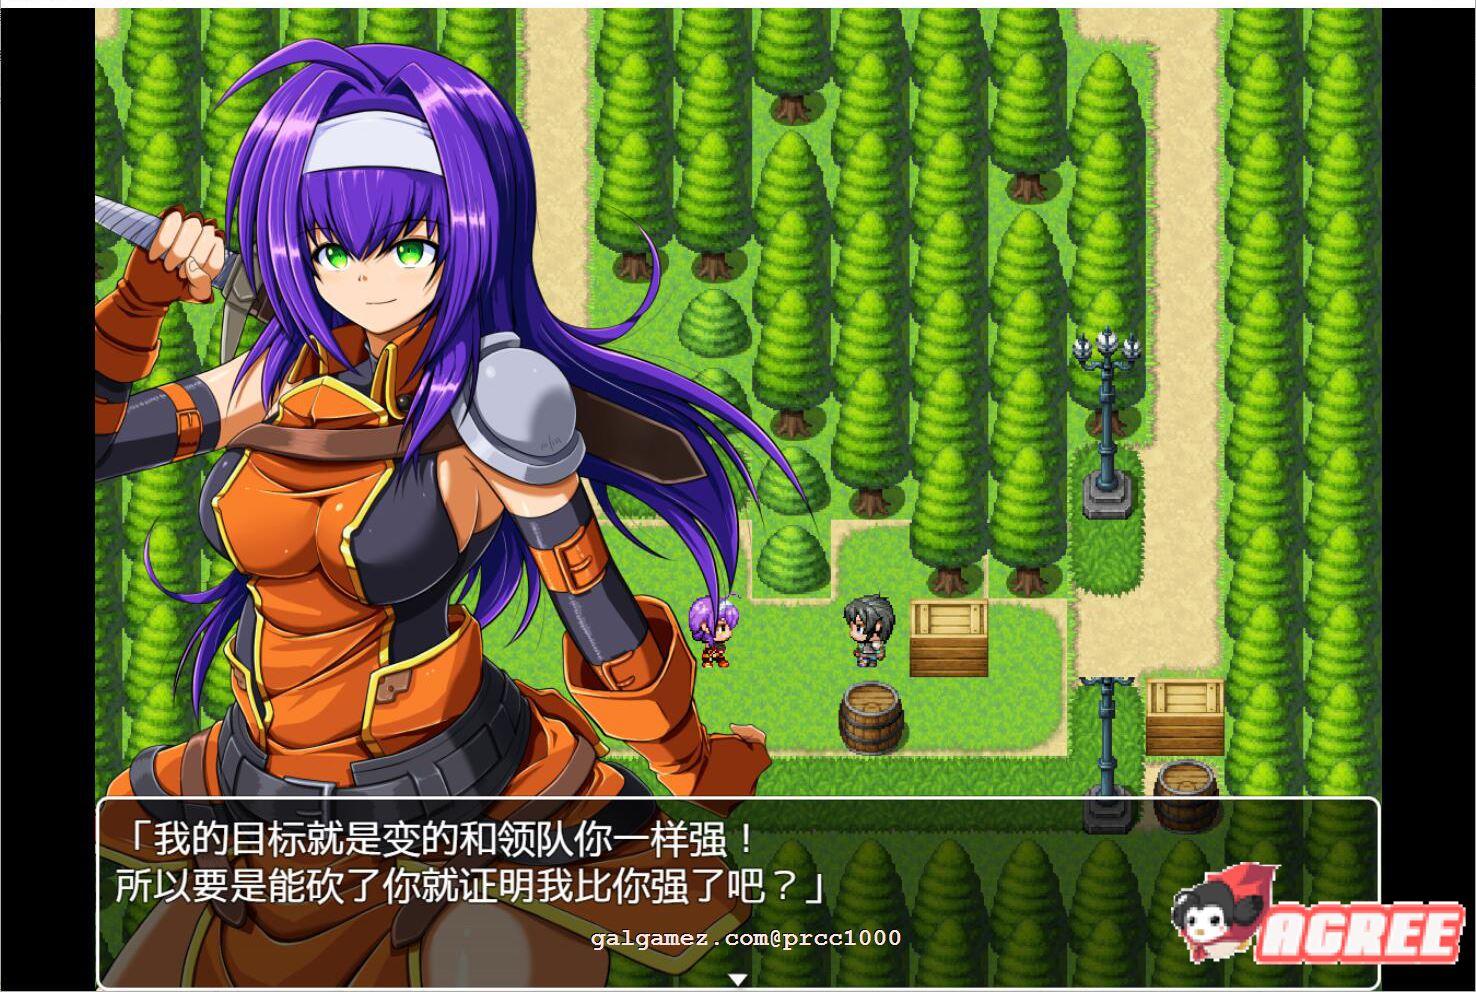 [RPG汉化全动态]火焰O章-从支援S开始的物语1+2 完整精翻汉化版[800M] 8